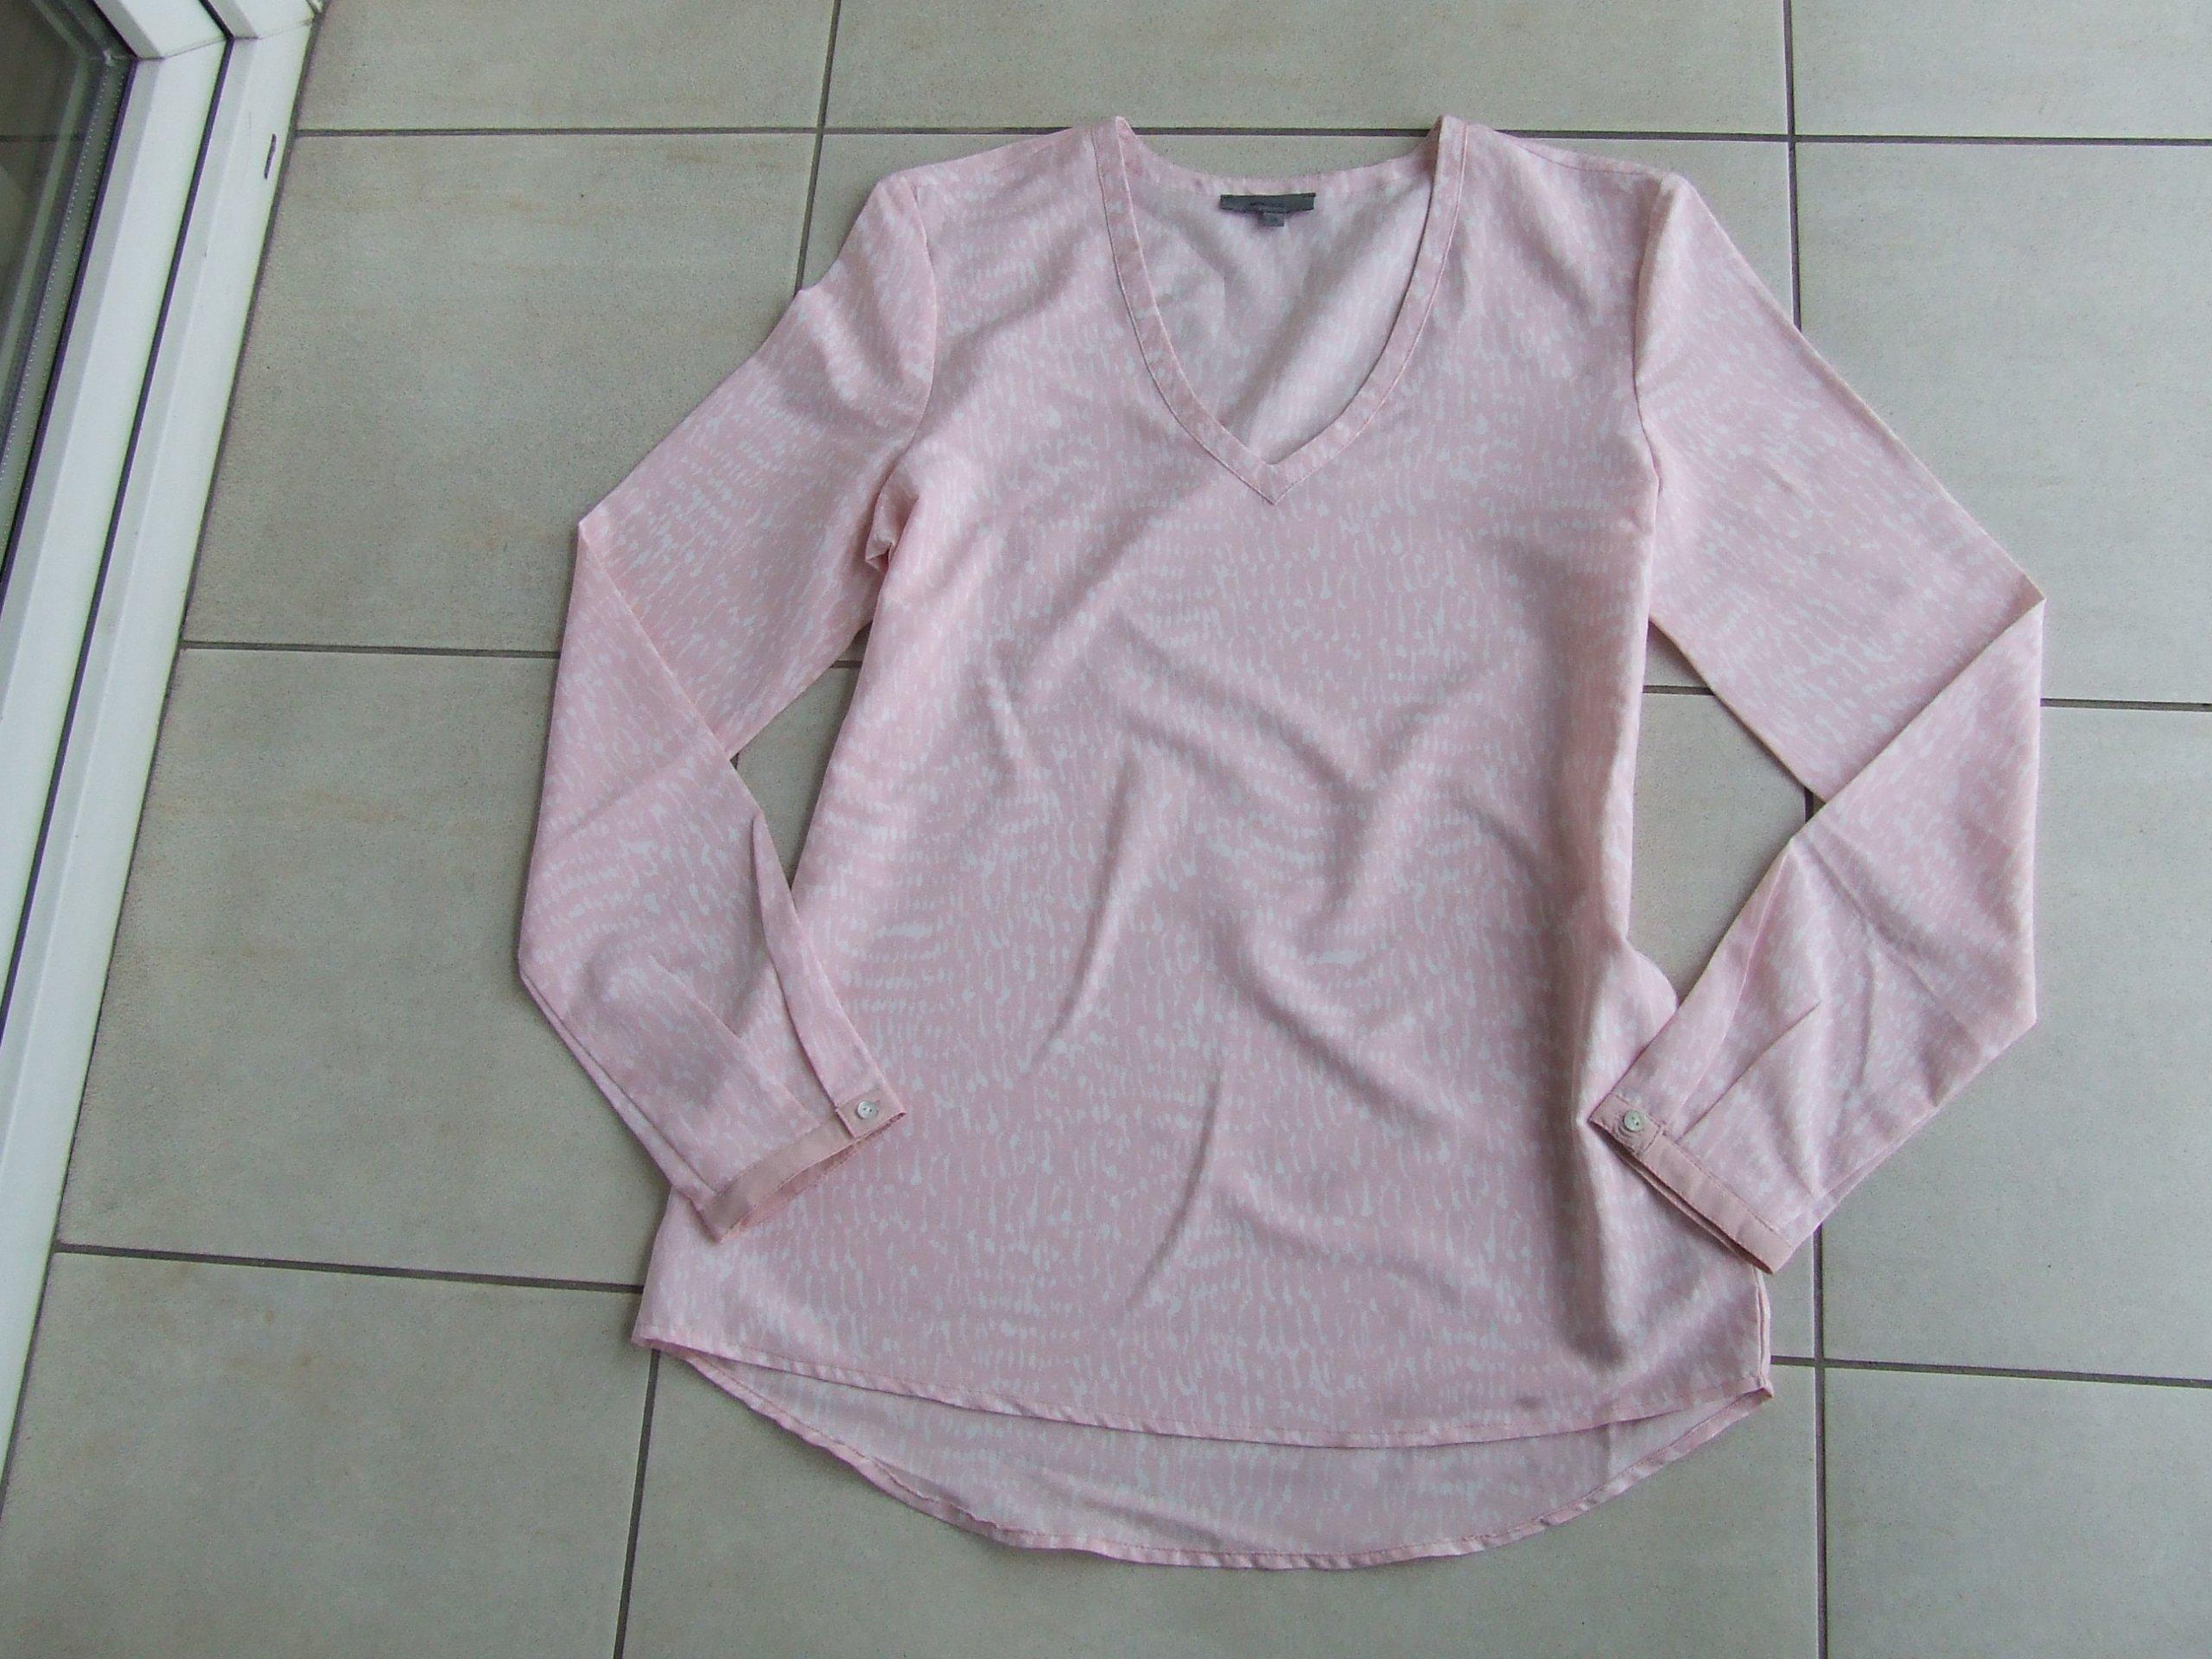 b444239edcde2 MONTEGO śliczna bluzka 36 blady pudrowy róż - 7354192327 - oficjalne ...